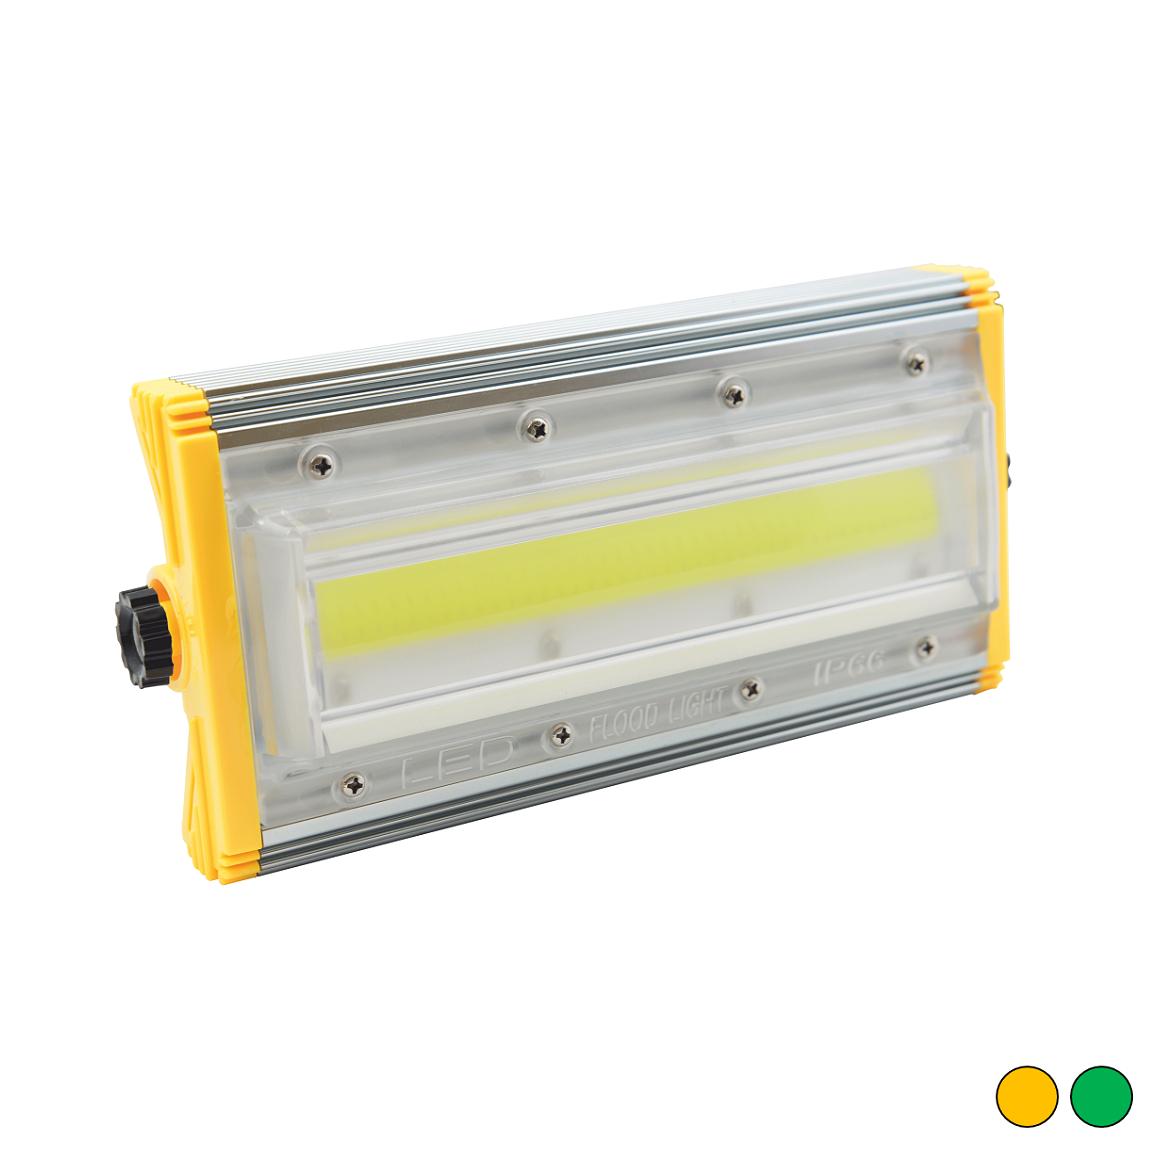 FL-6040-YA - EPISTAR 50 Watt Şarjlı & Portatif COB LED Modül Projektör